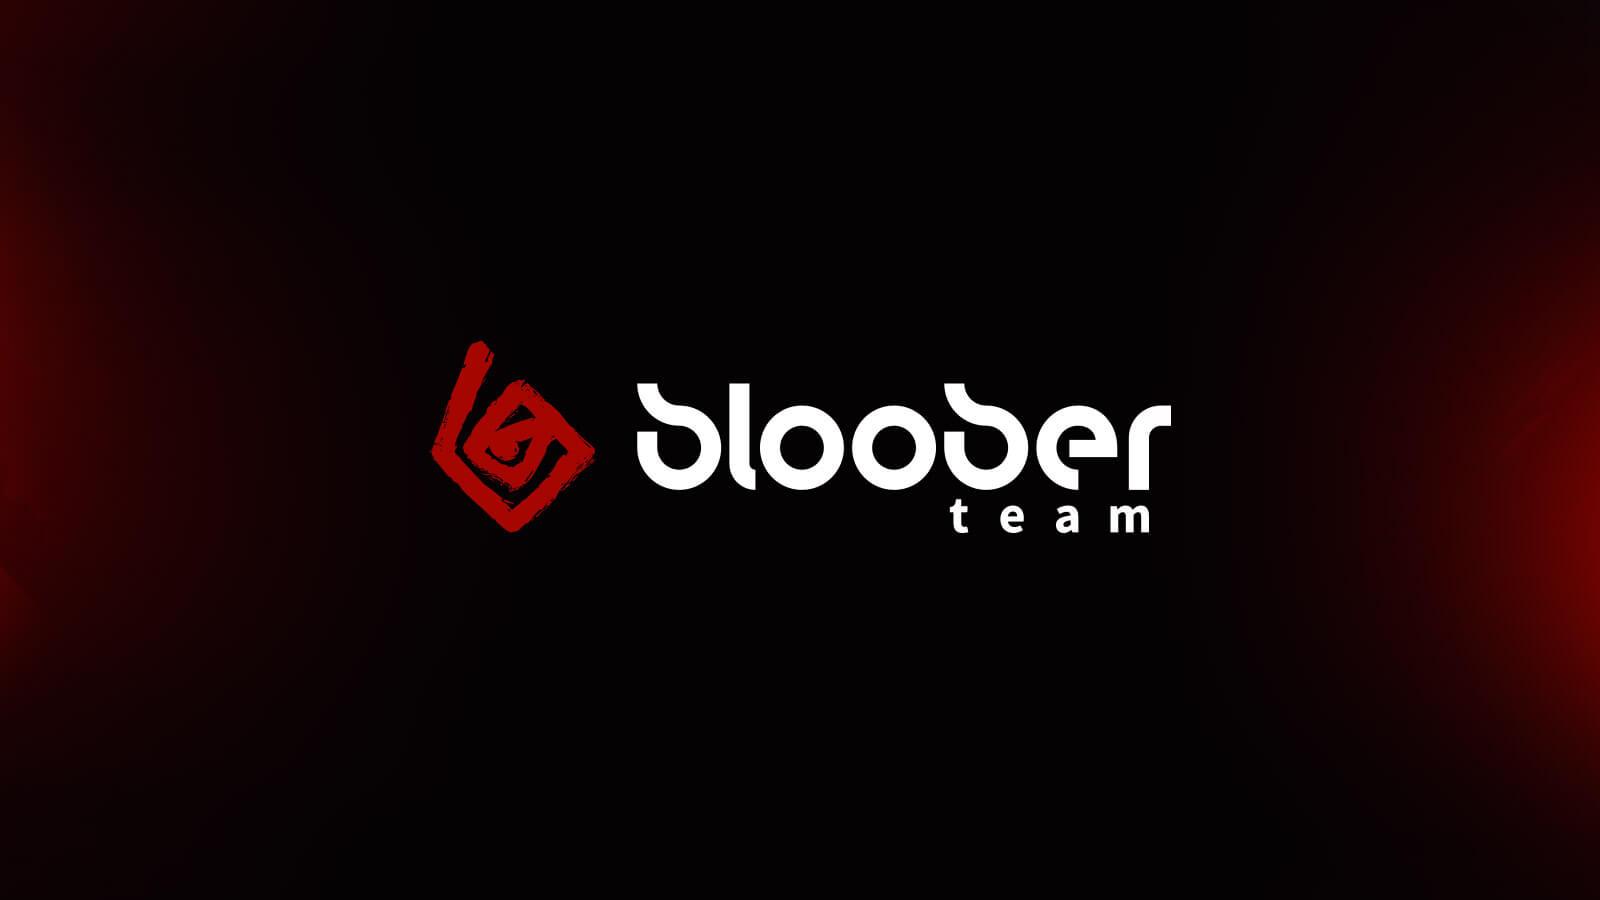 Tencent ha adquirido el 22% de las acciones de Bloober Team